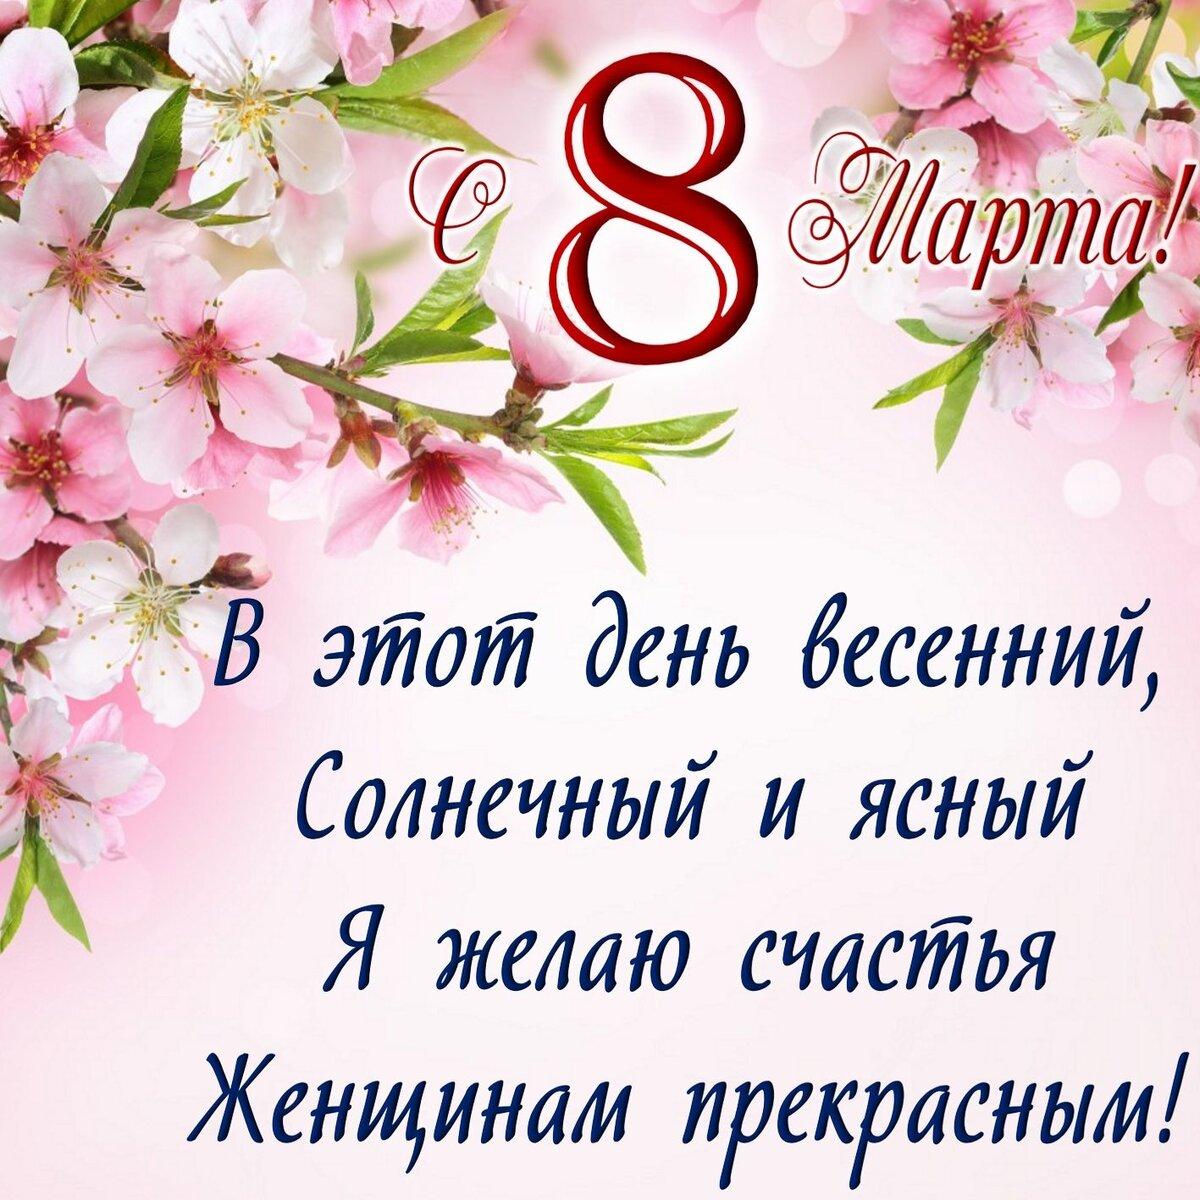 Поздравление с 8 мартом раю